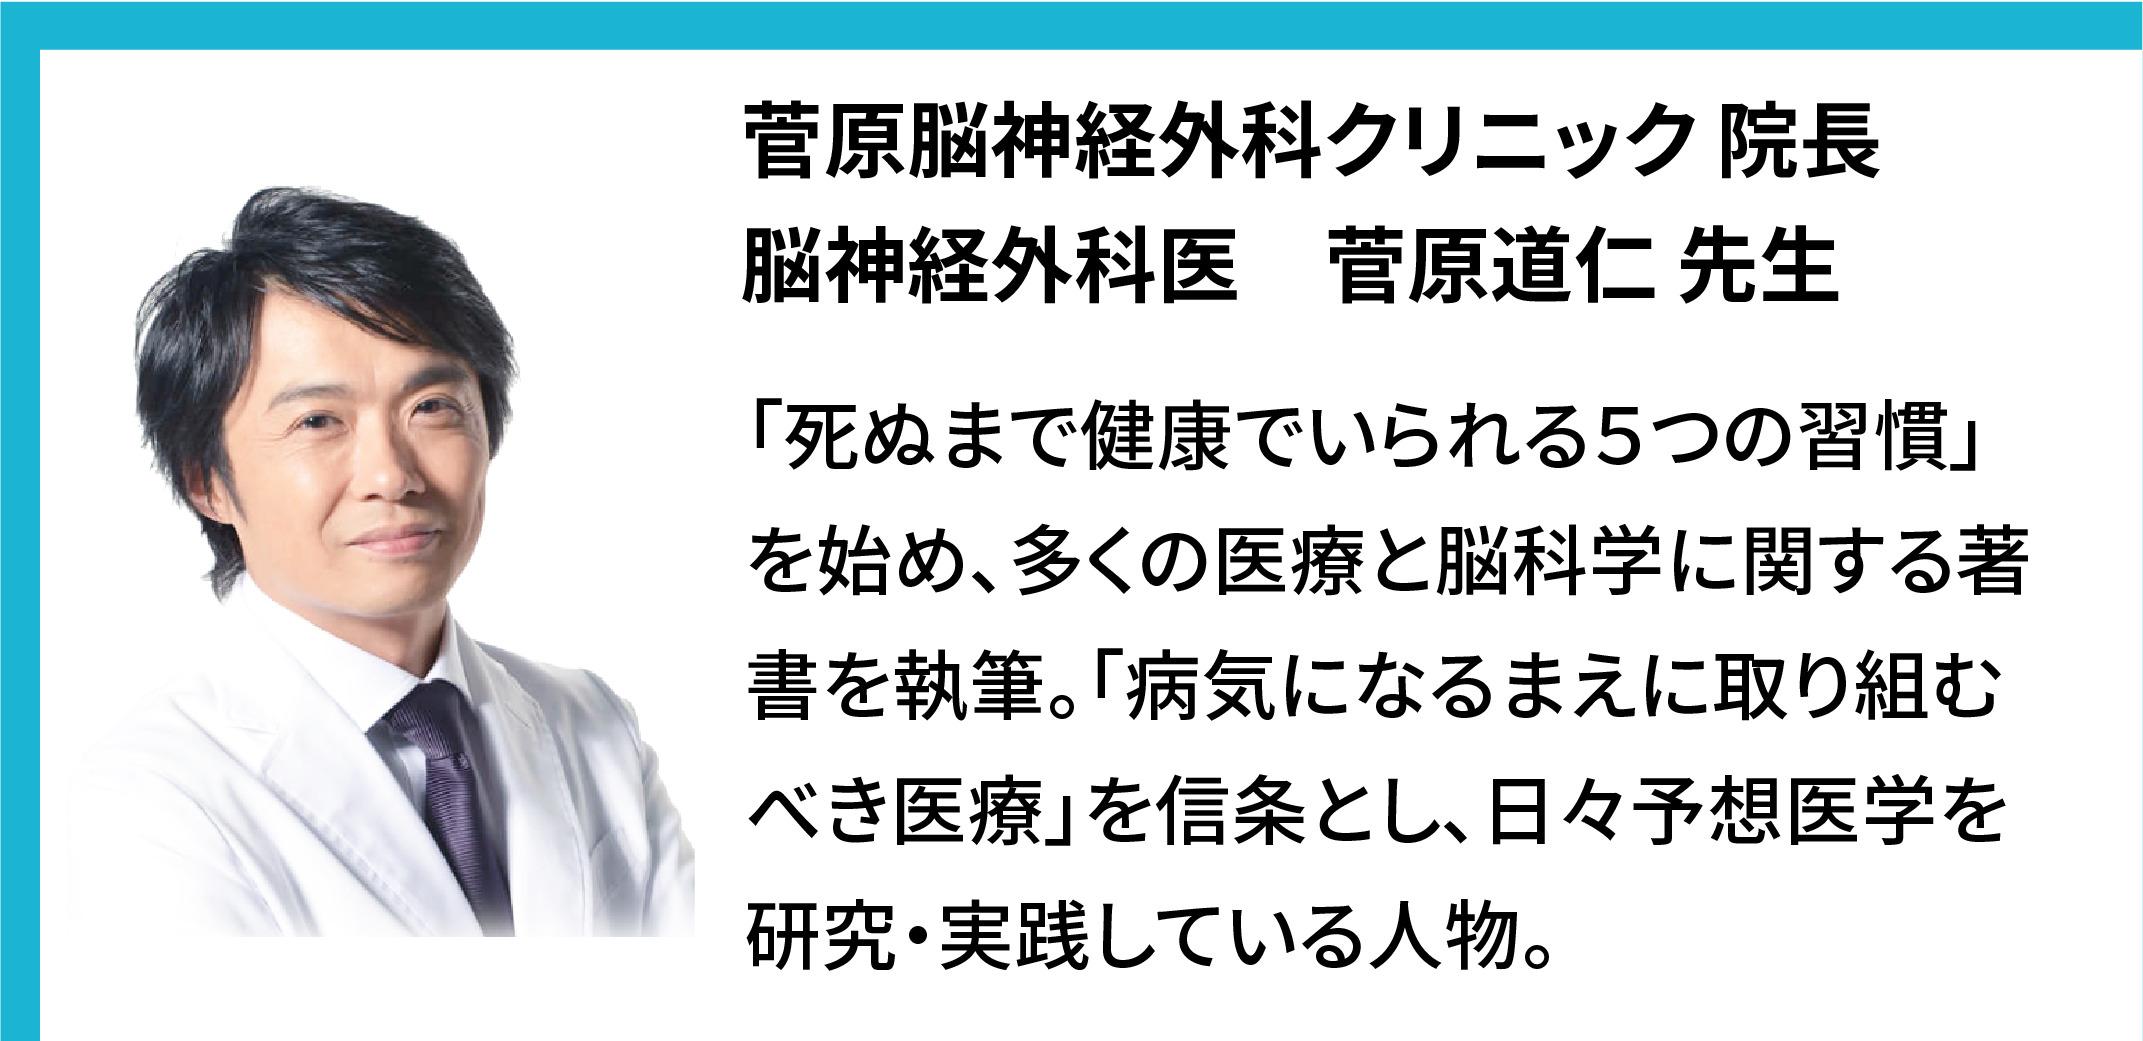 菅原道仁先生